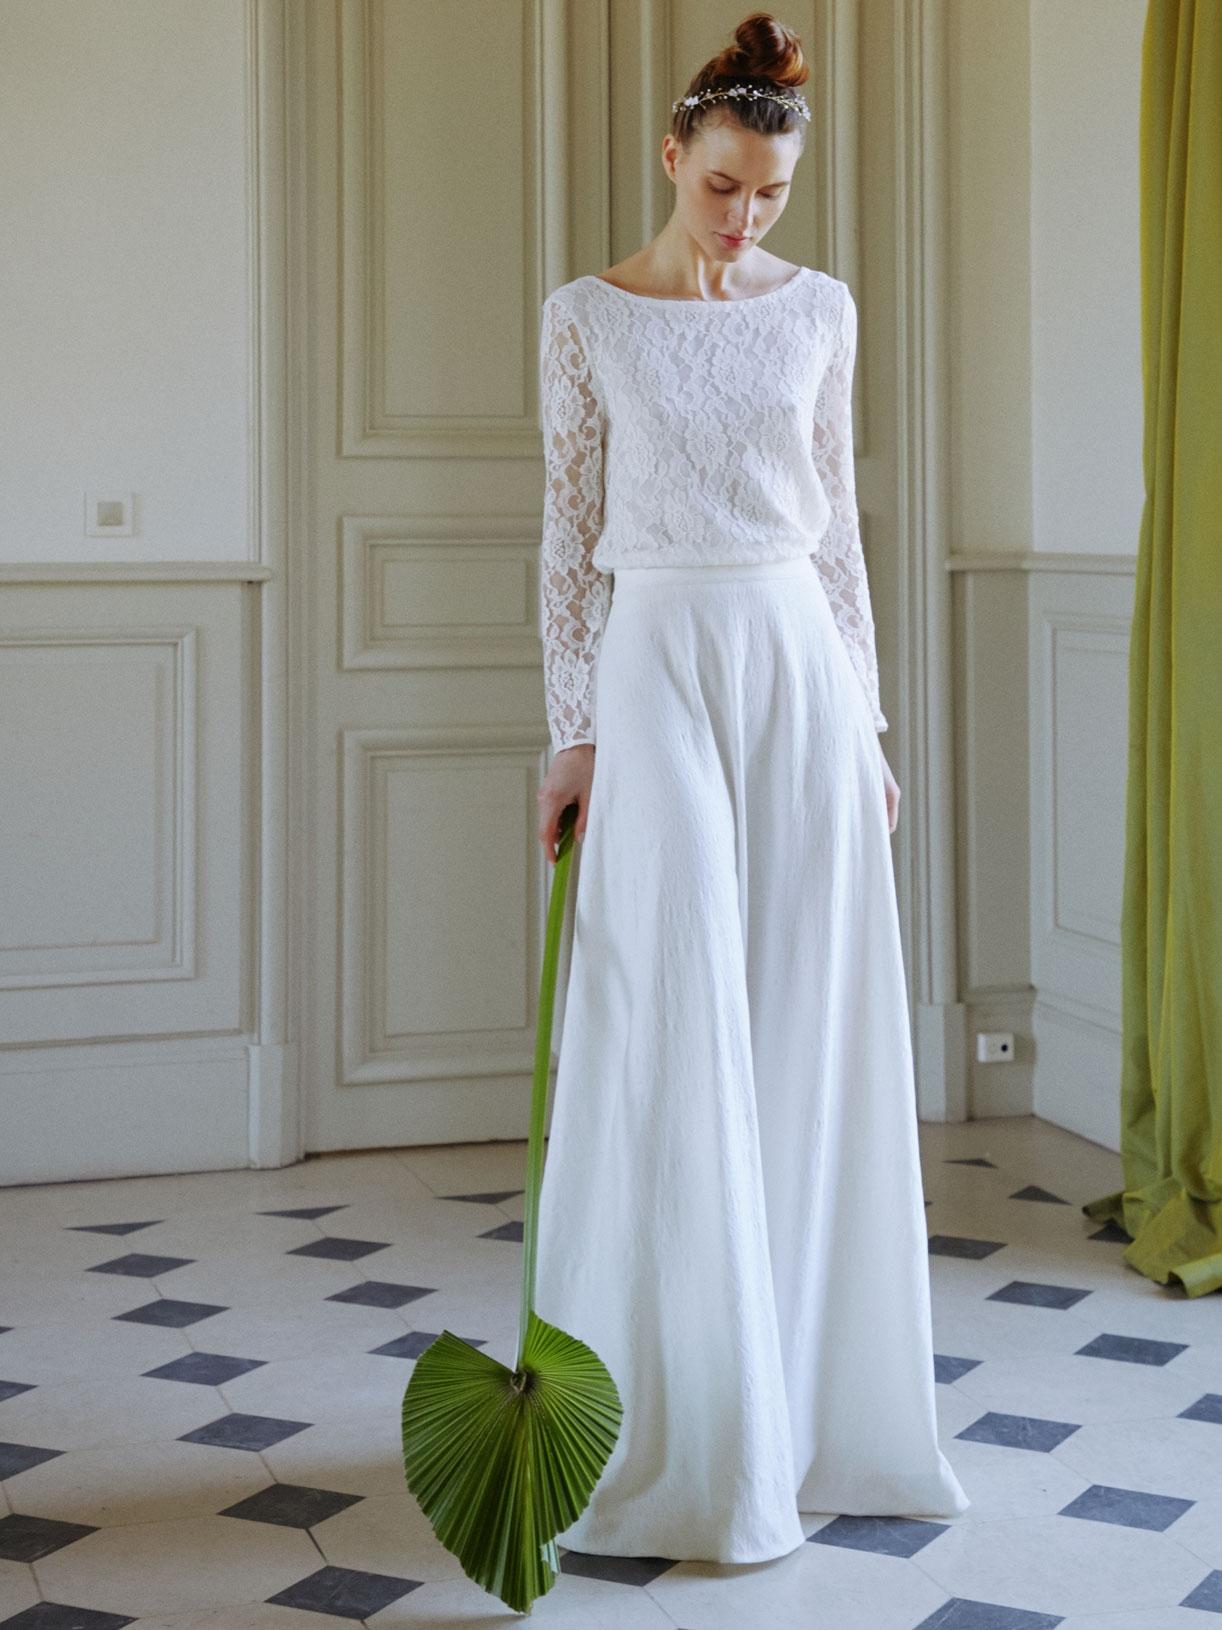 FELICITY - Jupe de mariée corolle longue et romantique - Créatrice de robes de mariée sur-mesure éthique et bio sur Paris - Myphilosophy